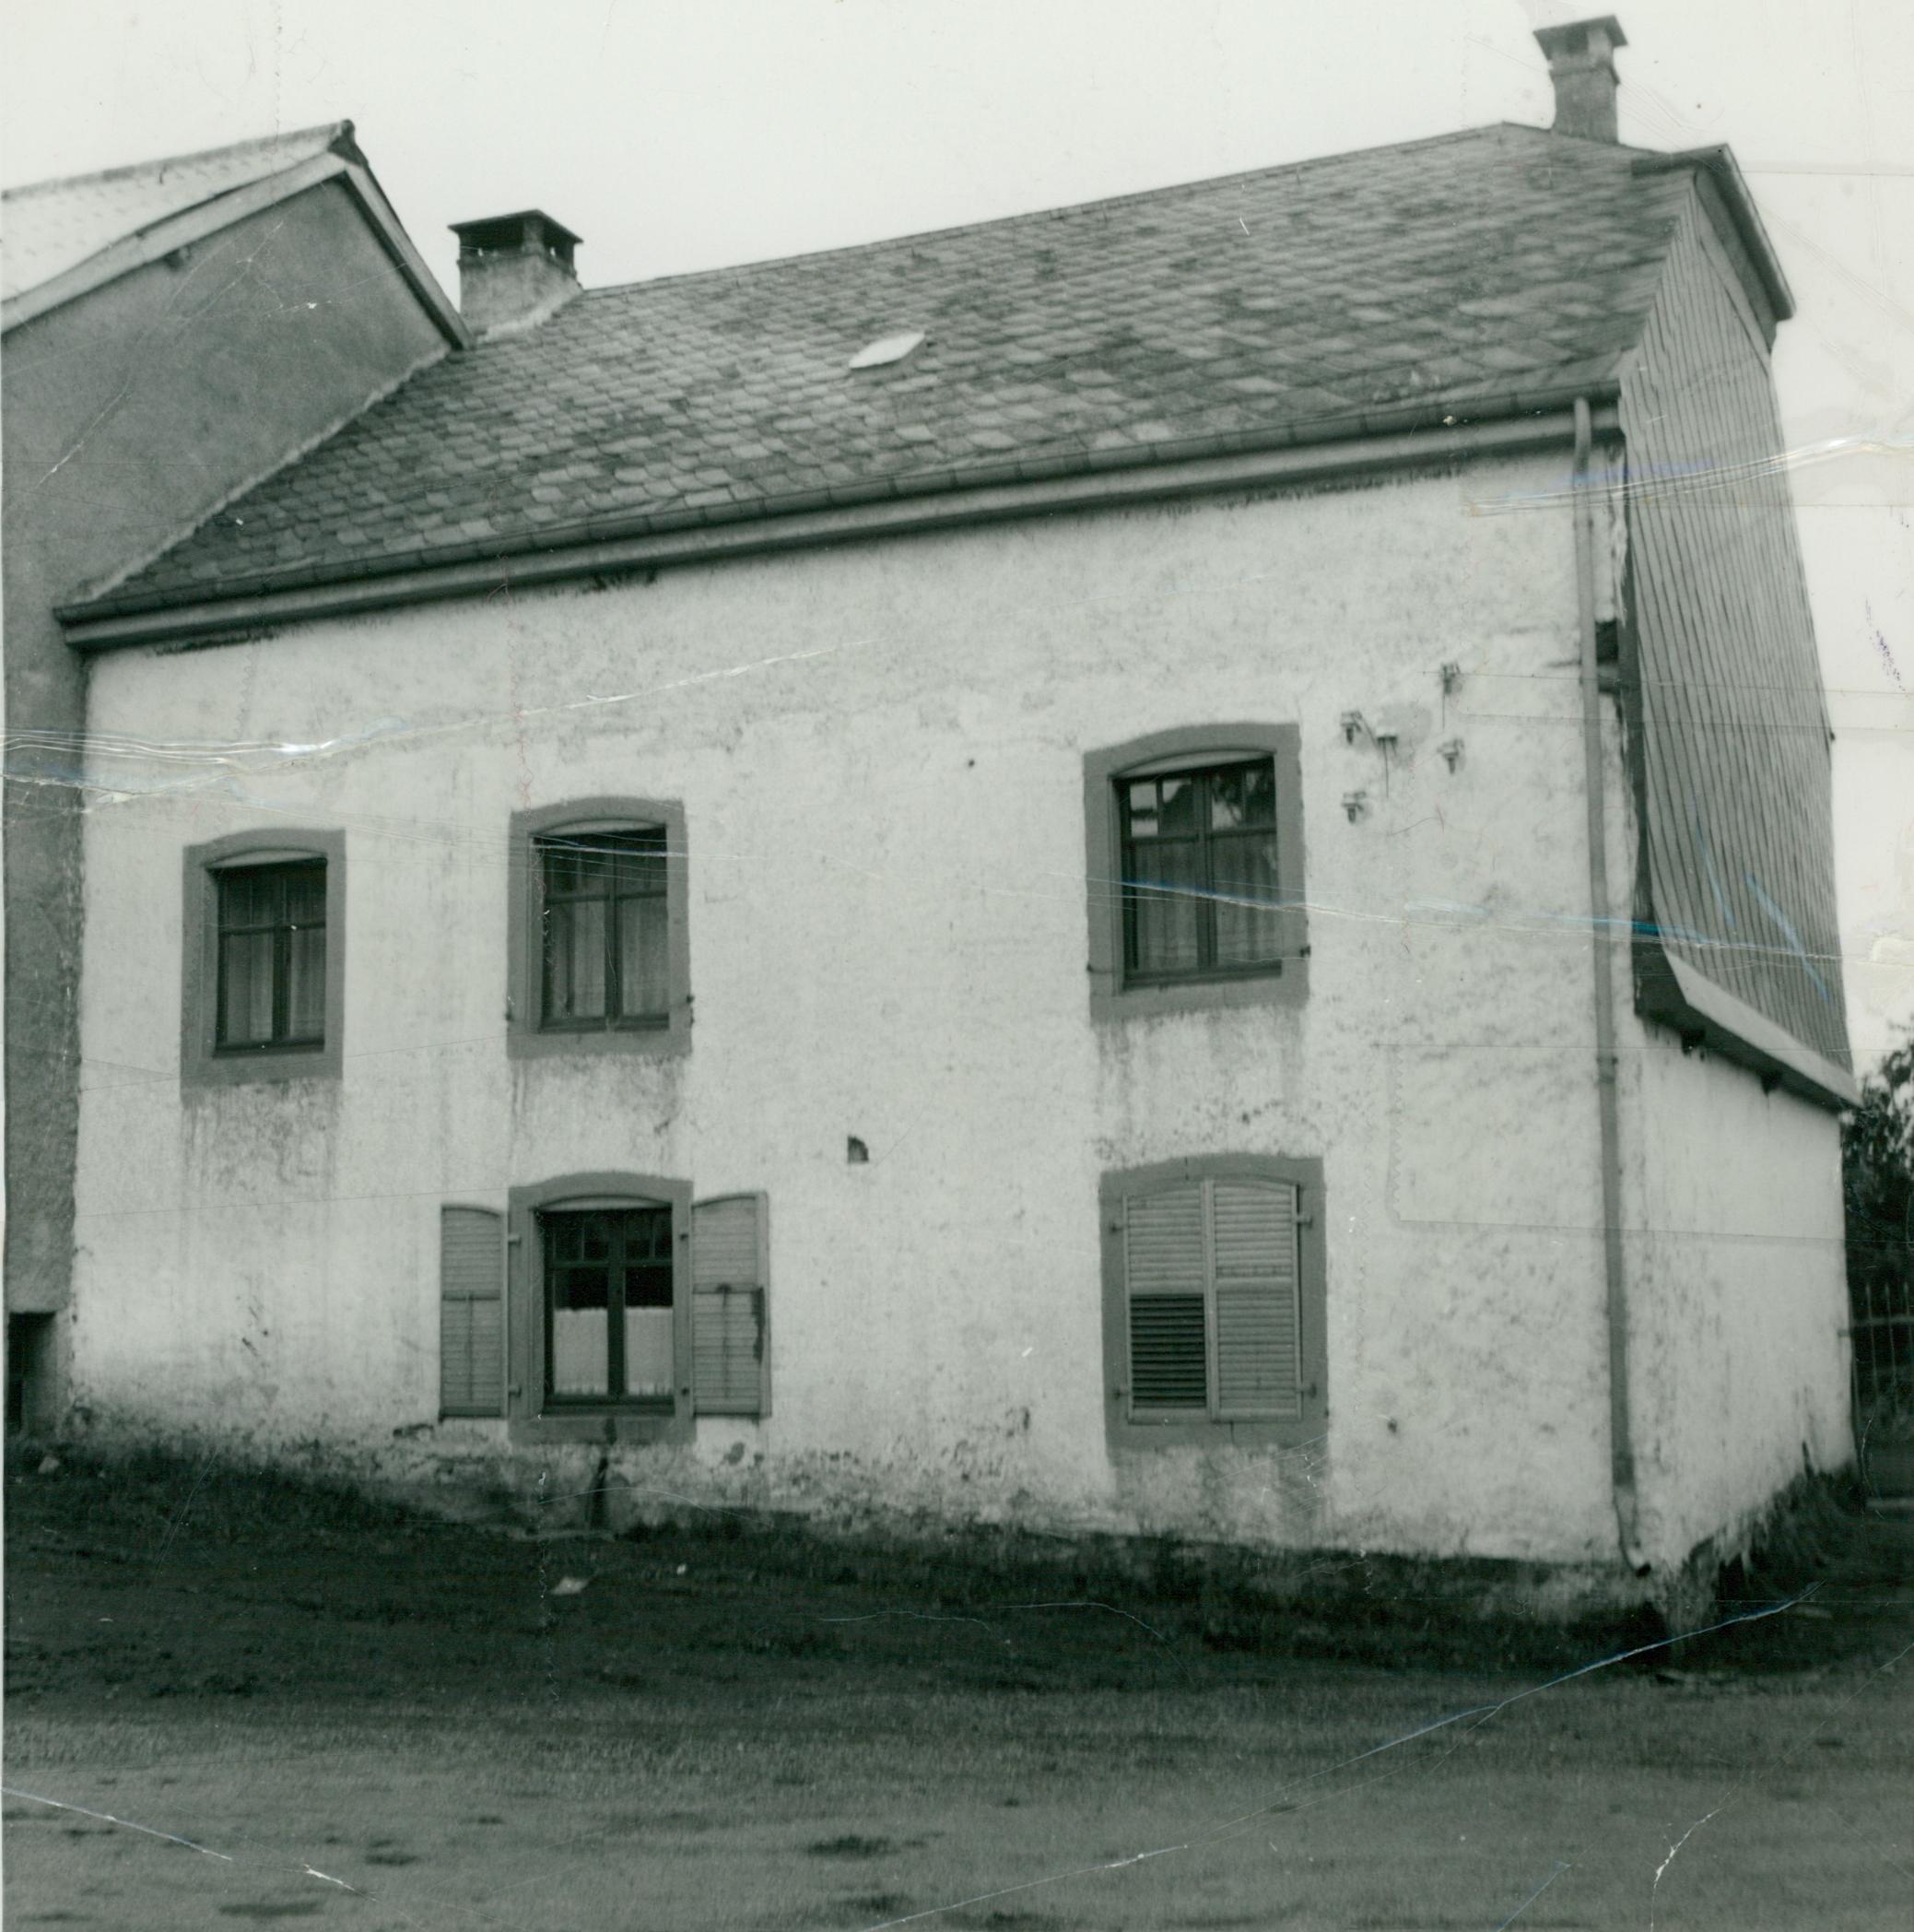 Pletschet house